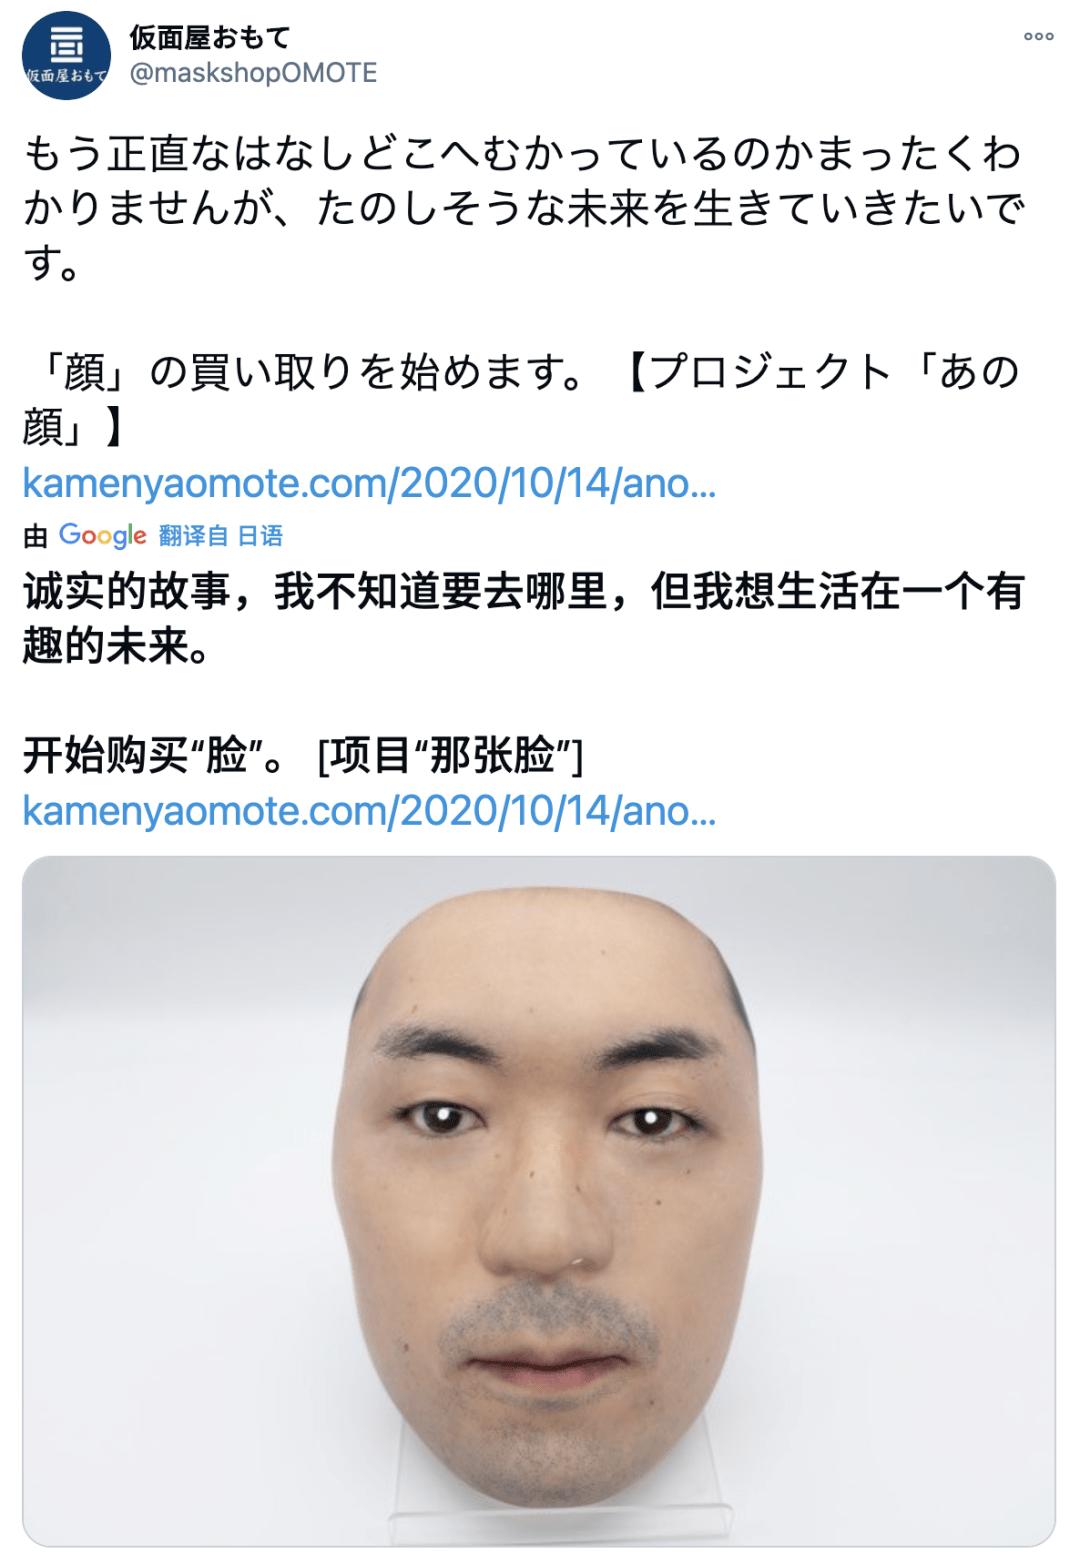 """5000块就能买一张人脸!日本网红把自己""""脸""""卖了,竟然火了!"""